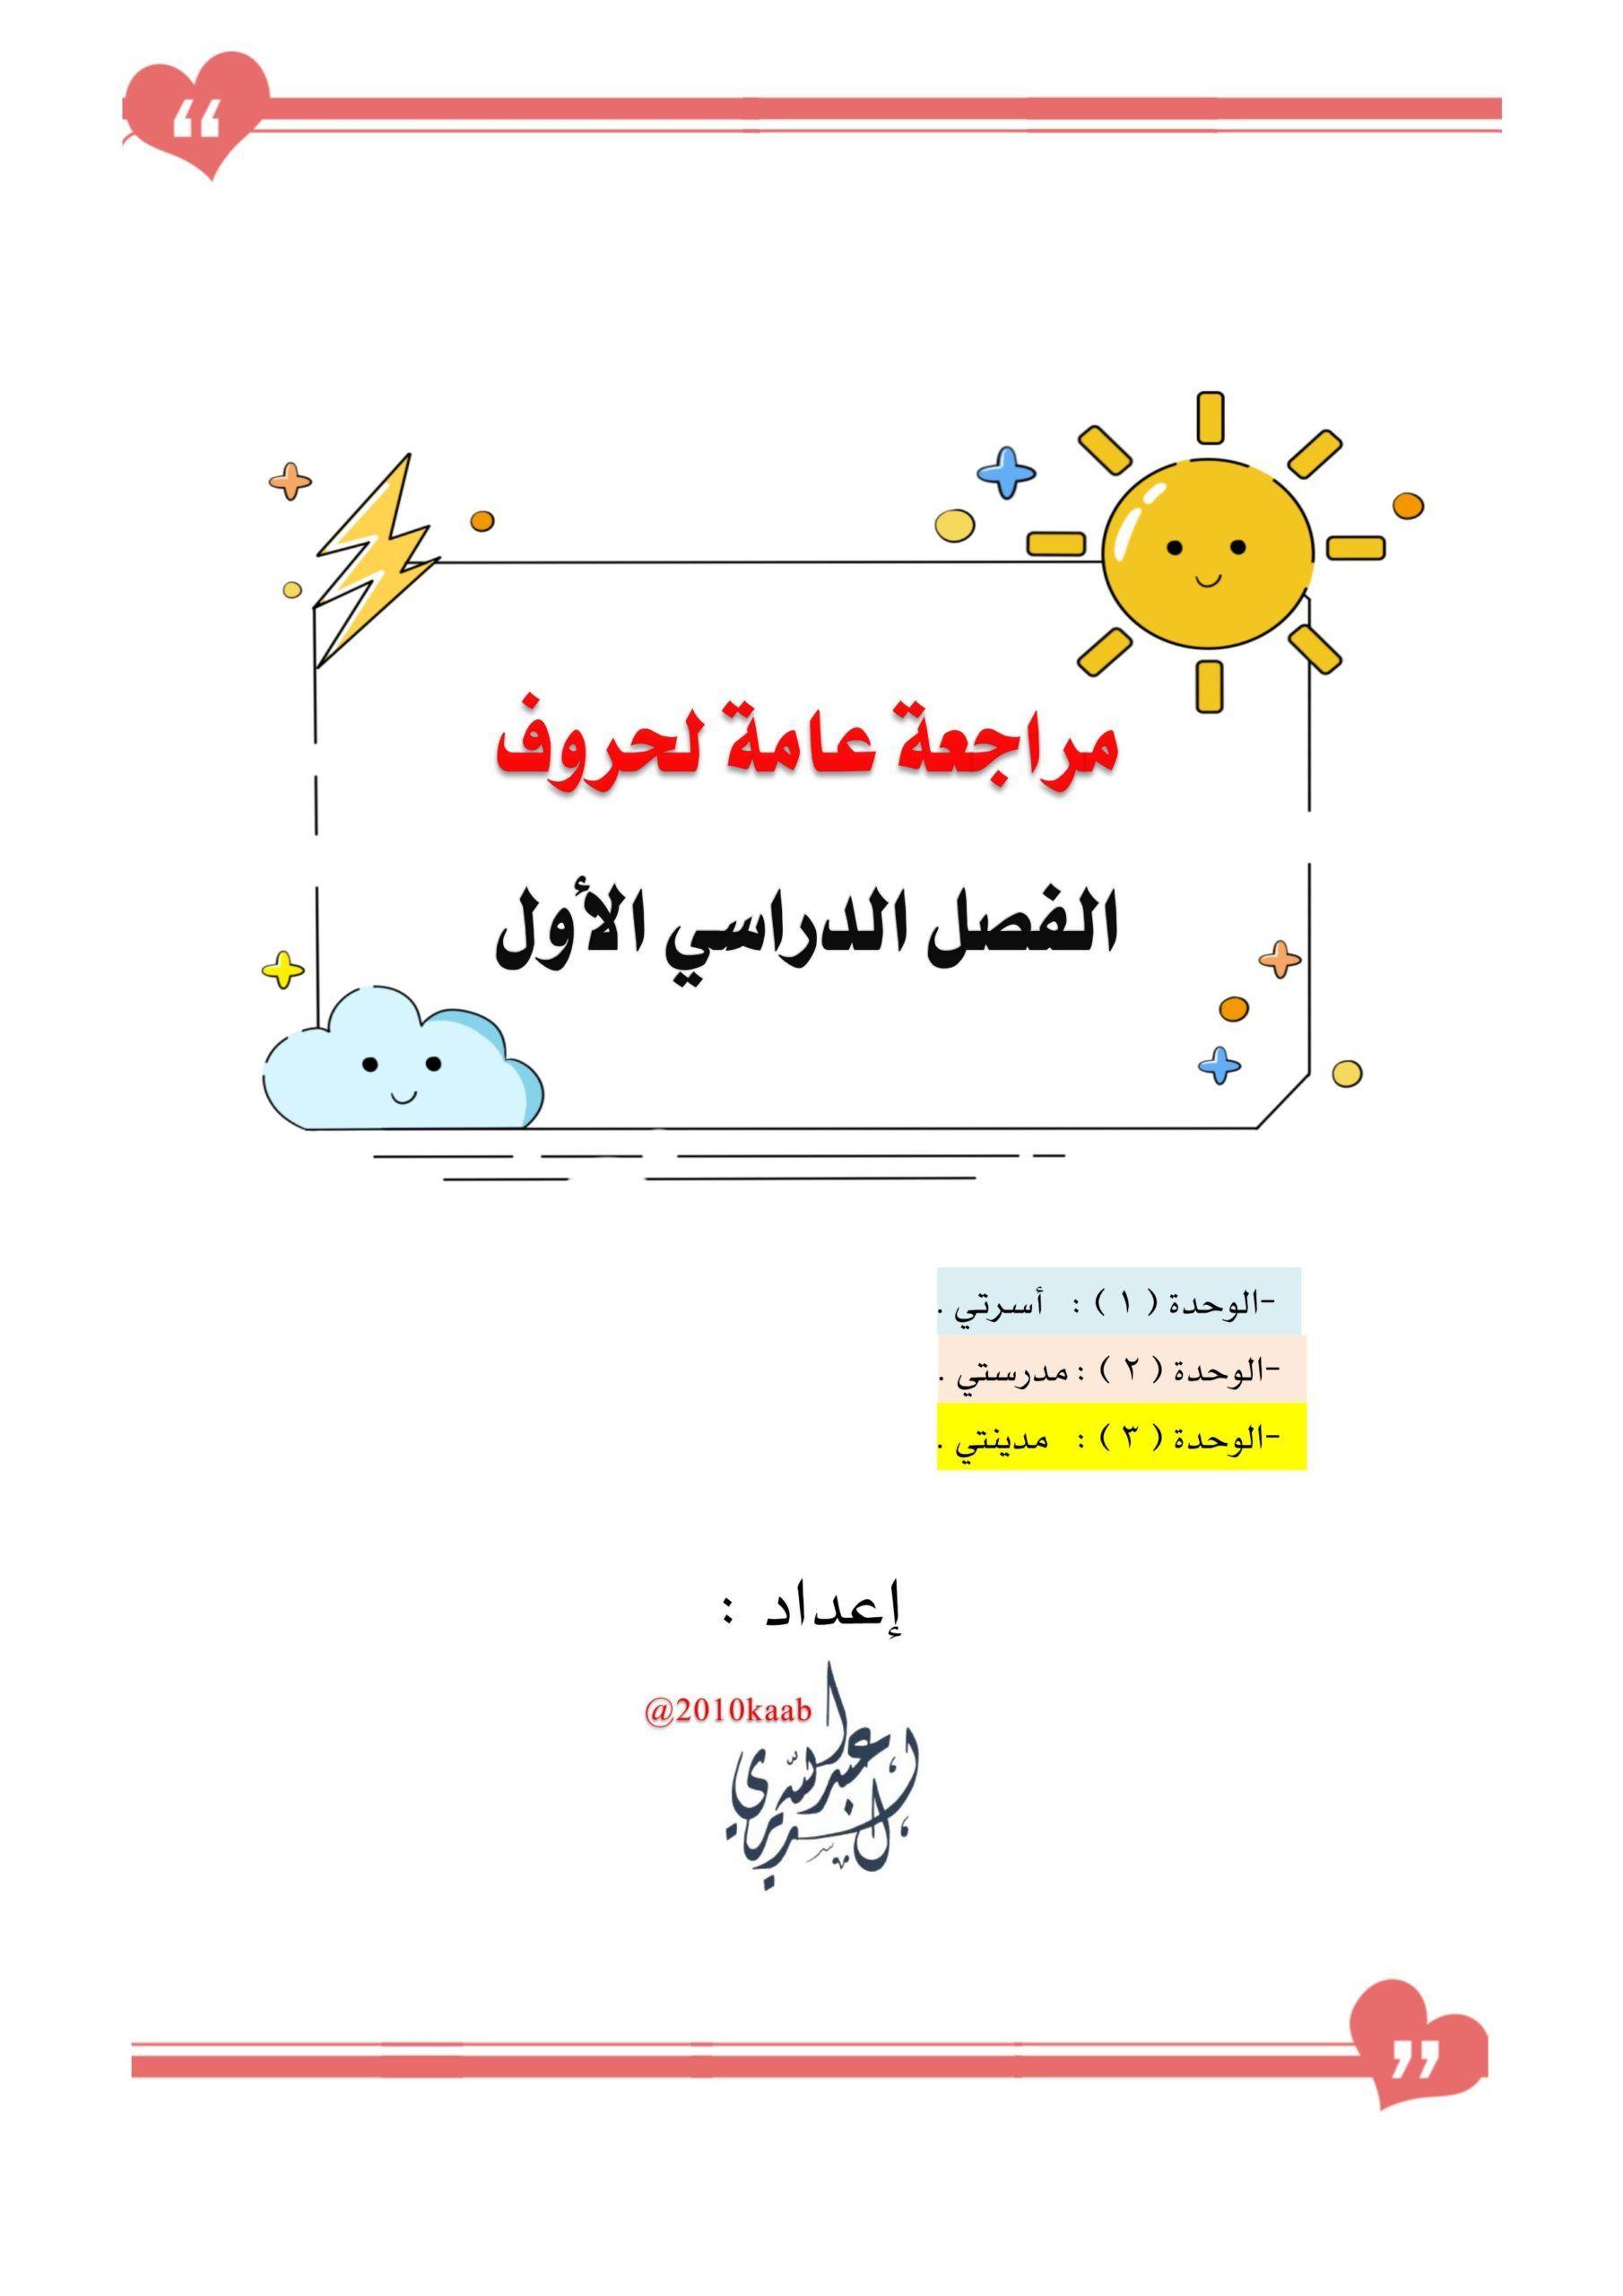 اوراق عمل مراجعة الحروف الهجائية الصف الاول مادة اللغة العربية Learning Arabic Creative Arts And Crafts Learning